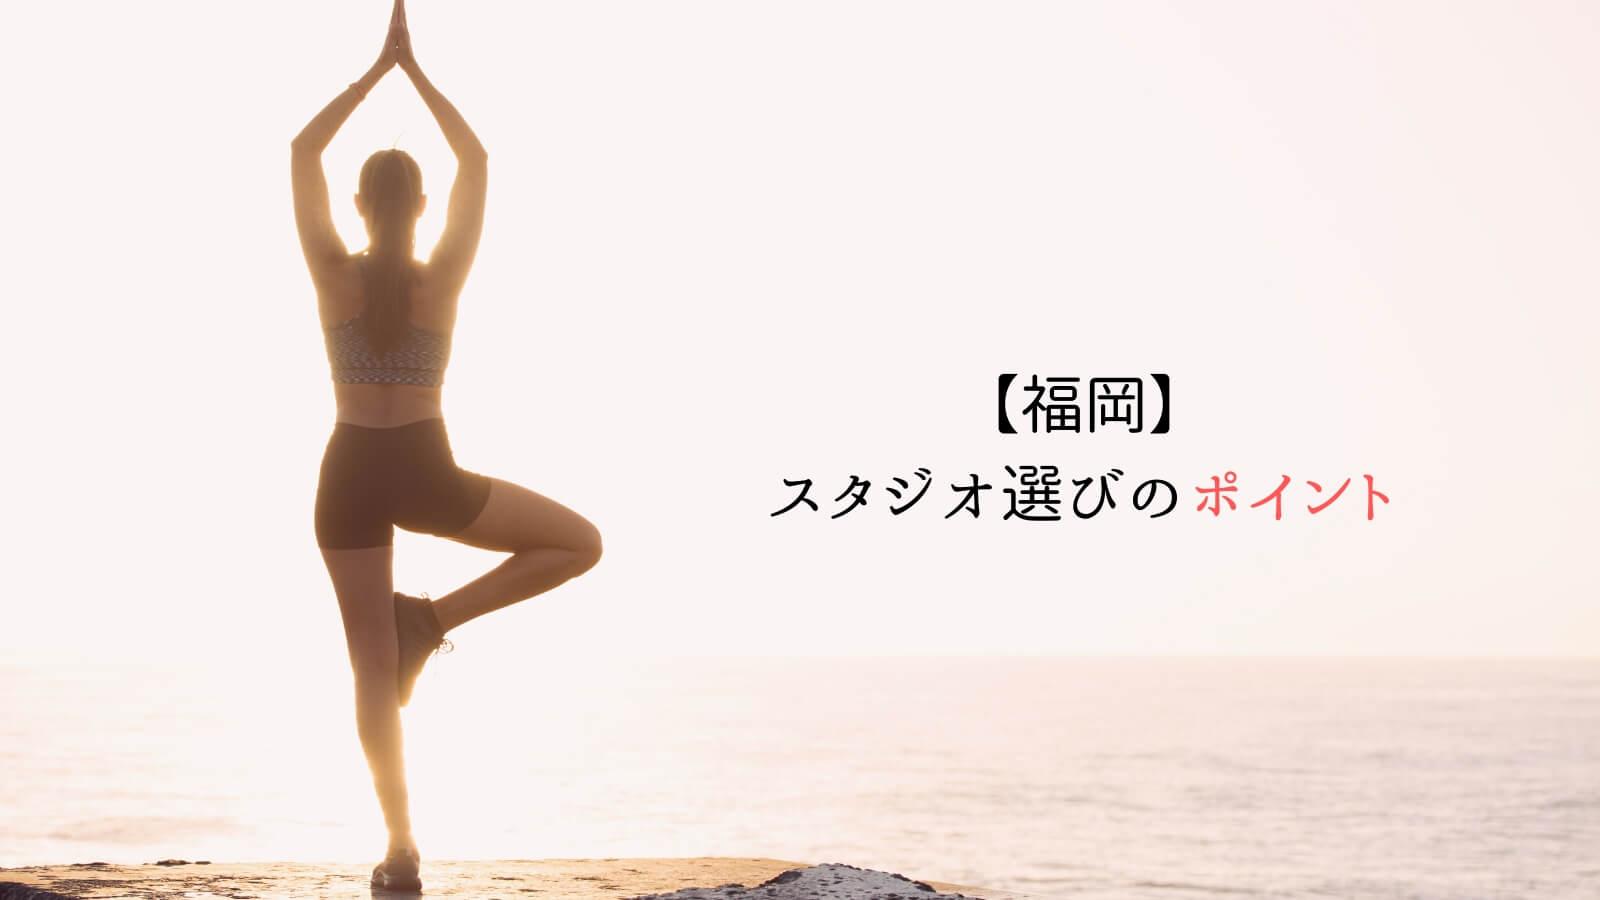 福岡のホットヨガスタジオ選びのポイント